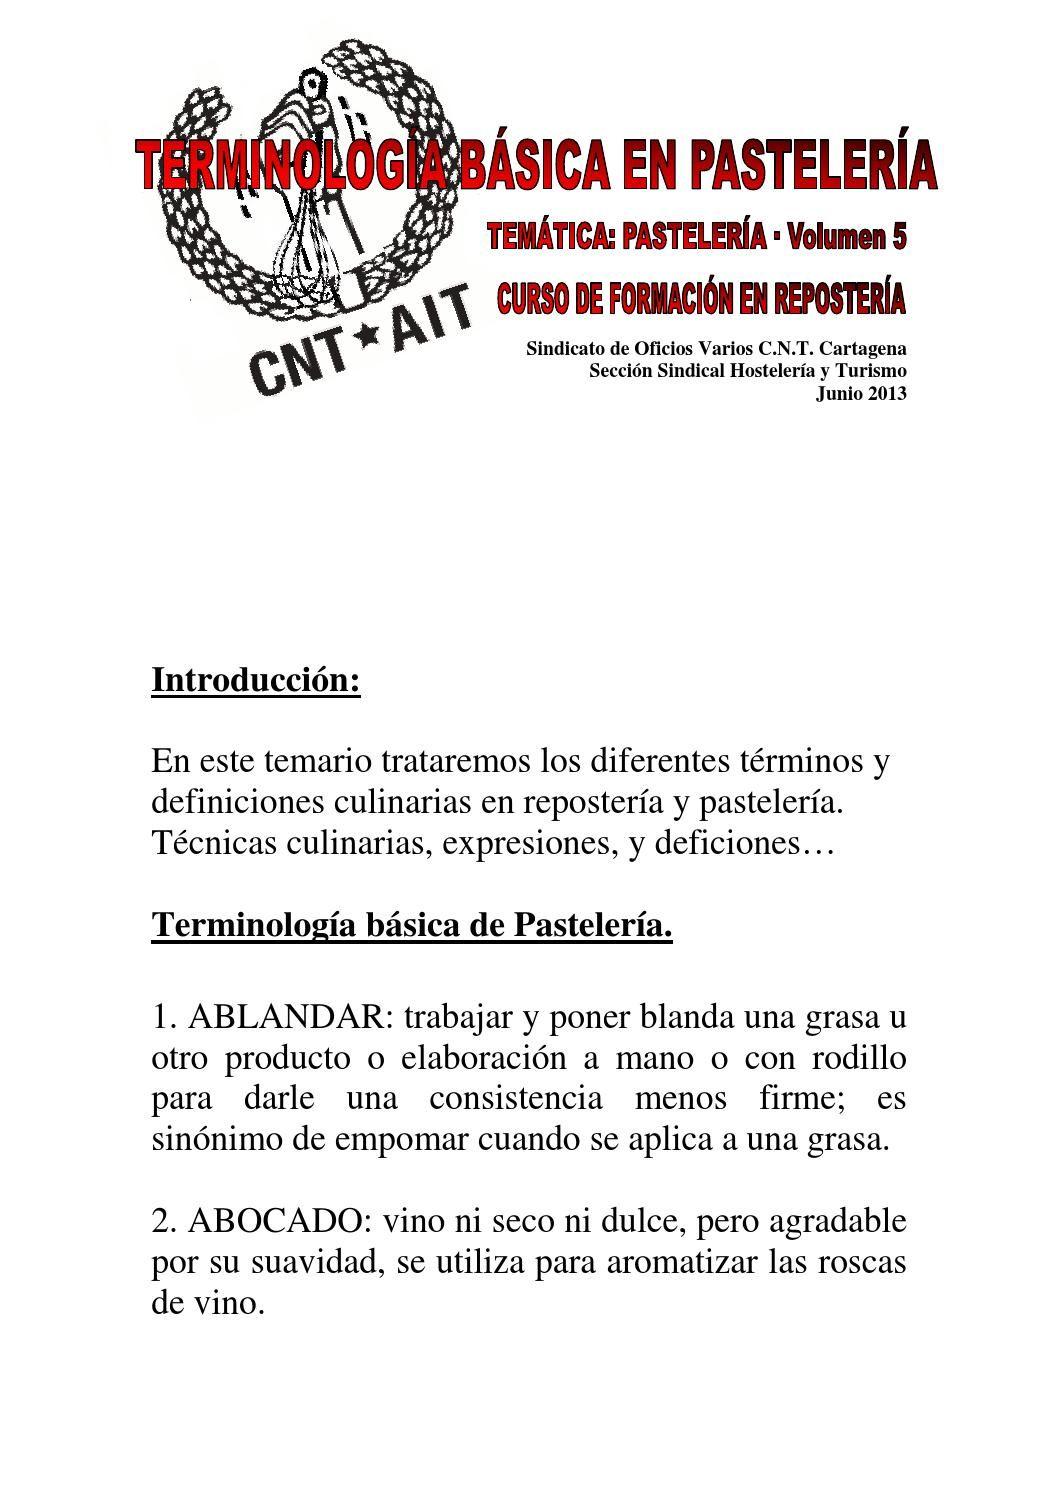 Terminología básica en pastelería y repostería curso repostería vol 5 de 5 cnt cartagena